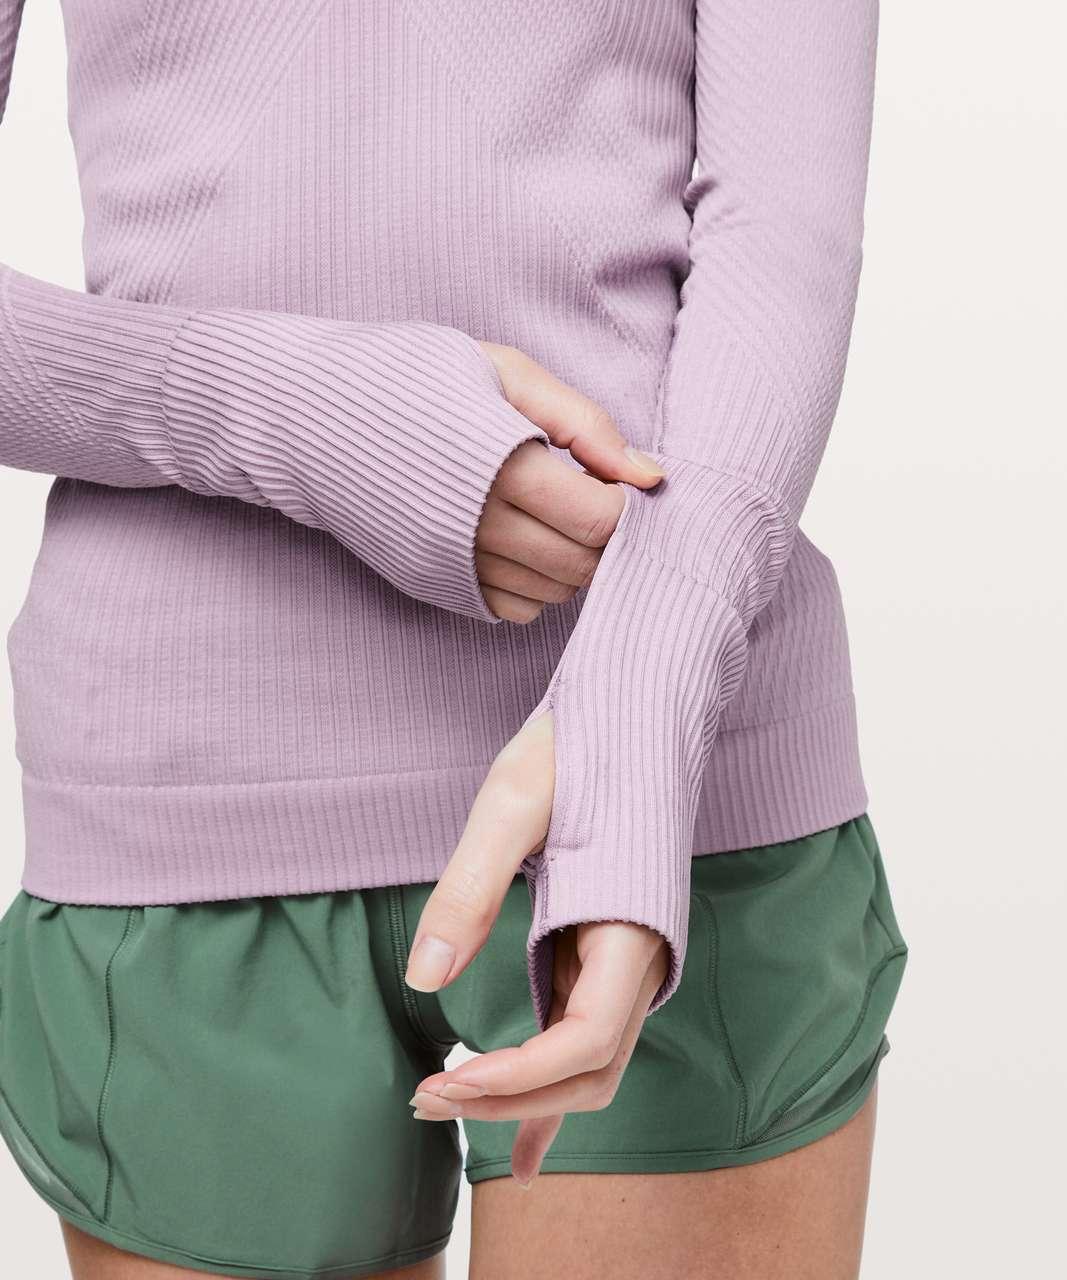 Lululemon Rest Less Pullover - Antoinette / Antoinette